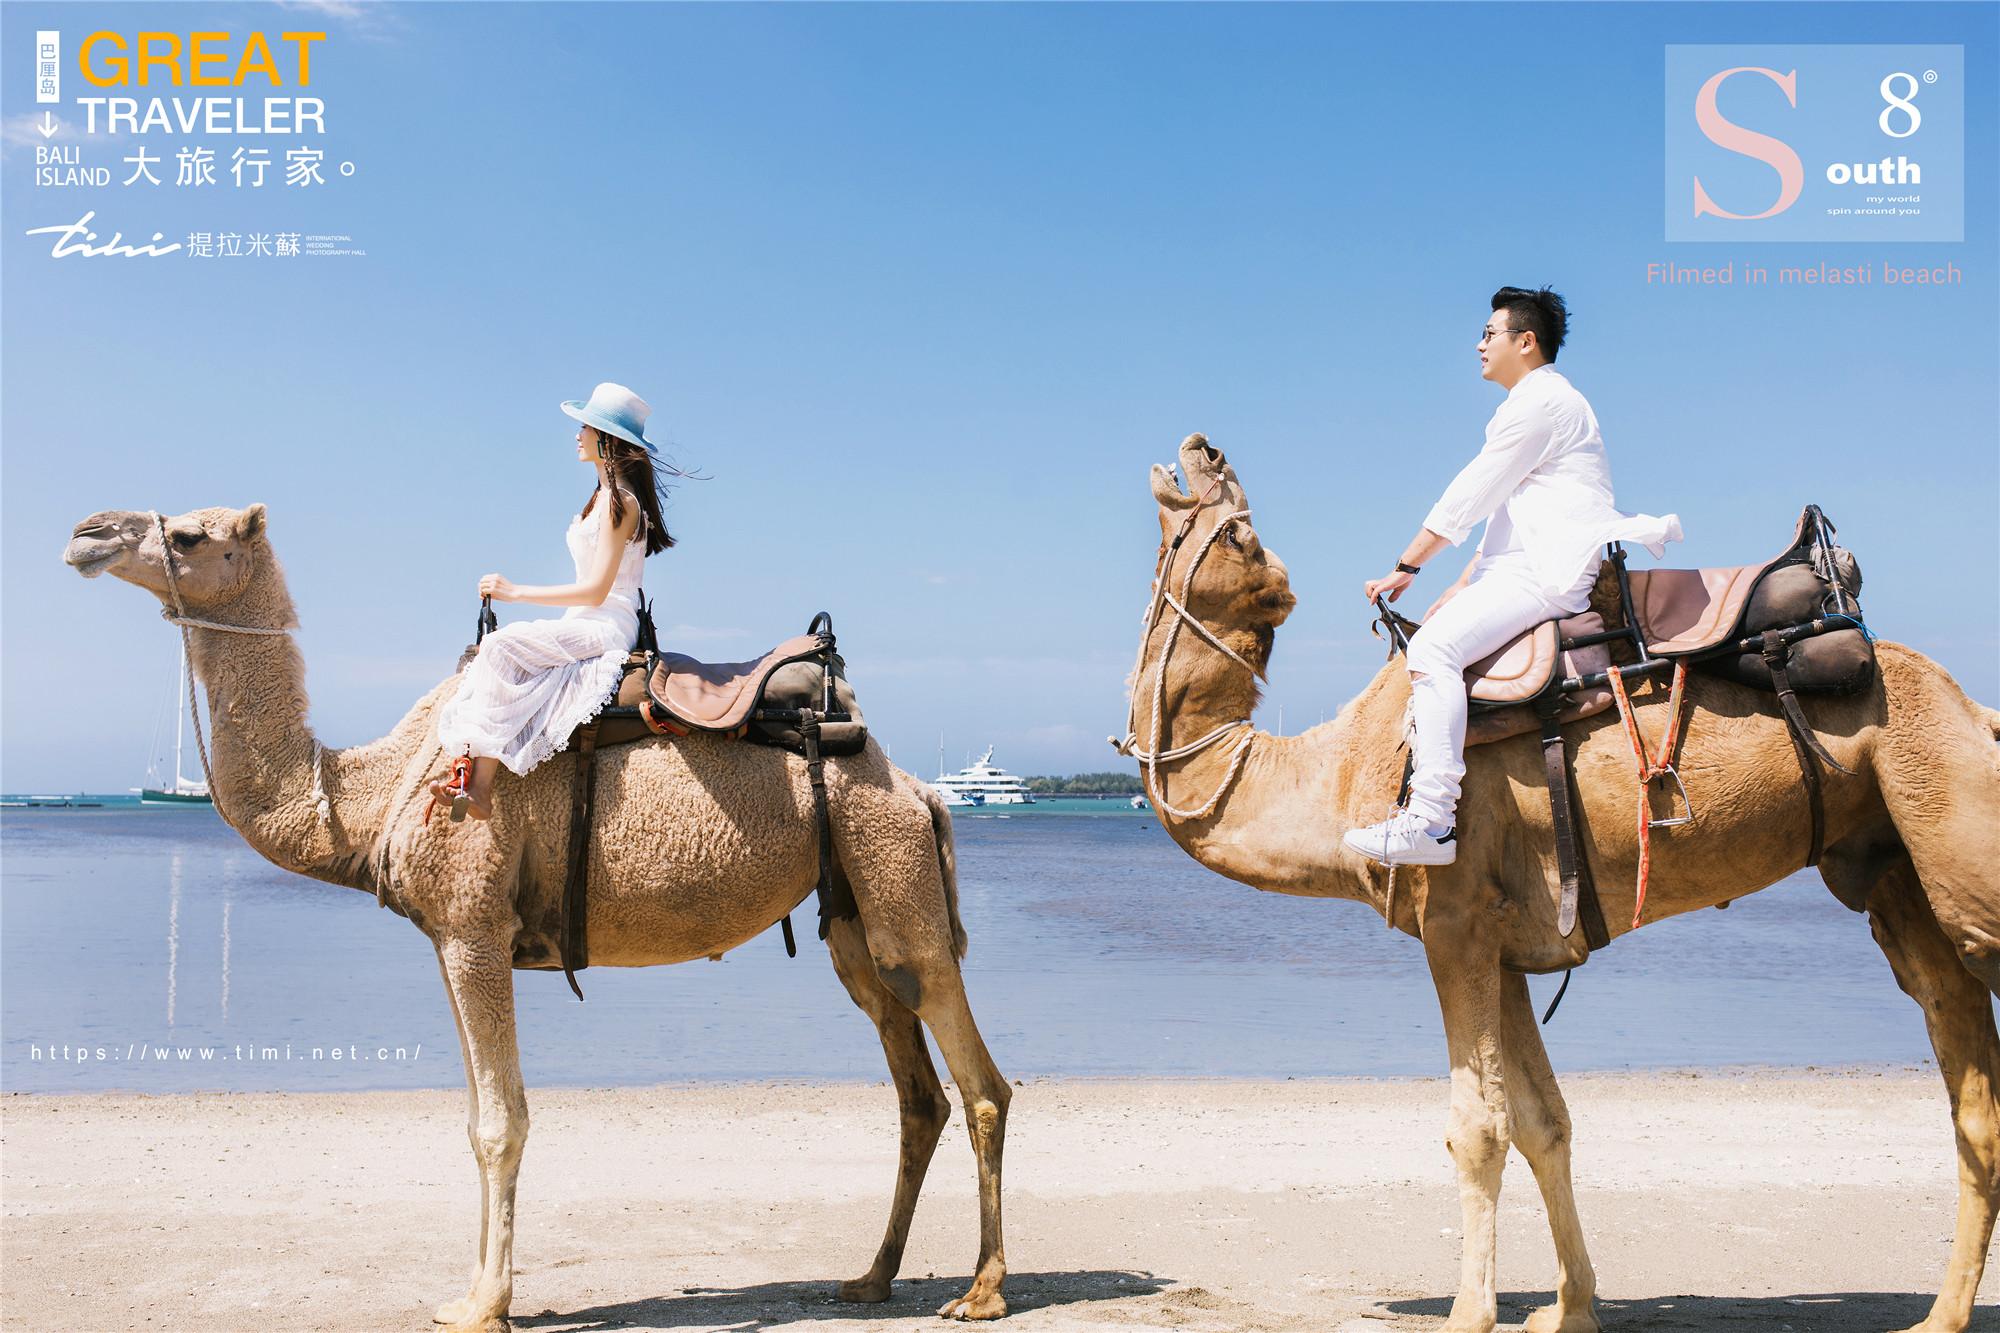 巴厘岛海边骆驼主题婚纱照